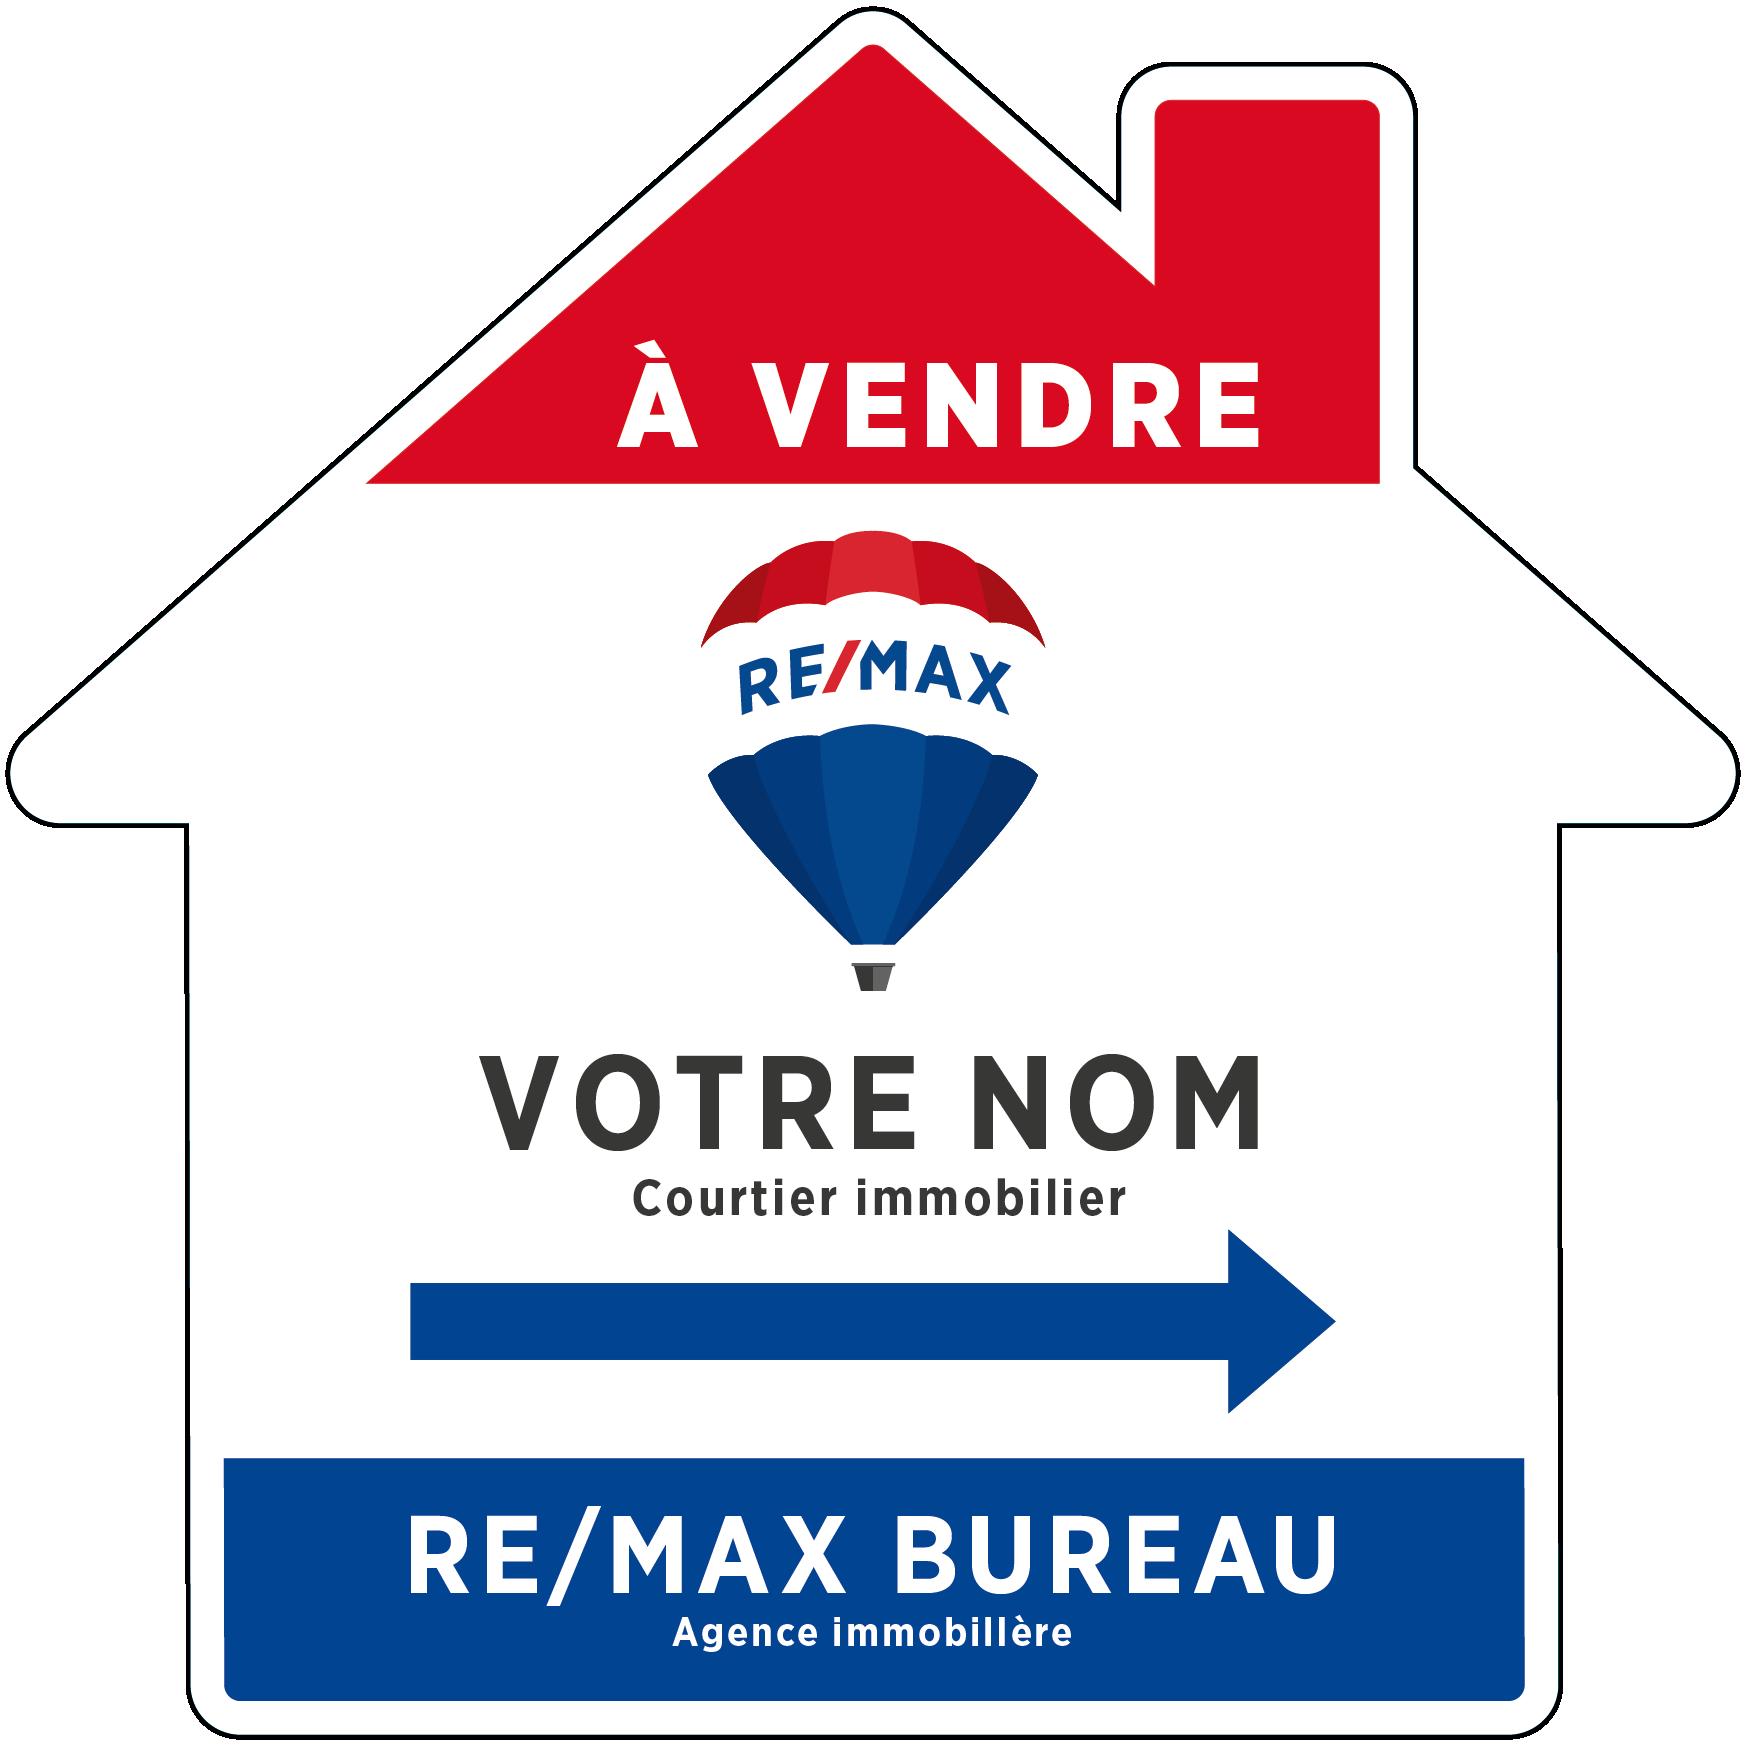 REM-1013 Enseignes directionnelles maison a vendre